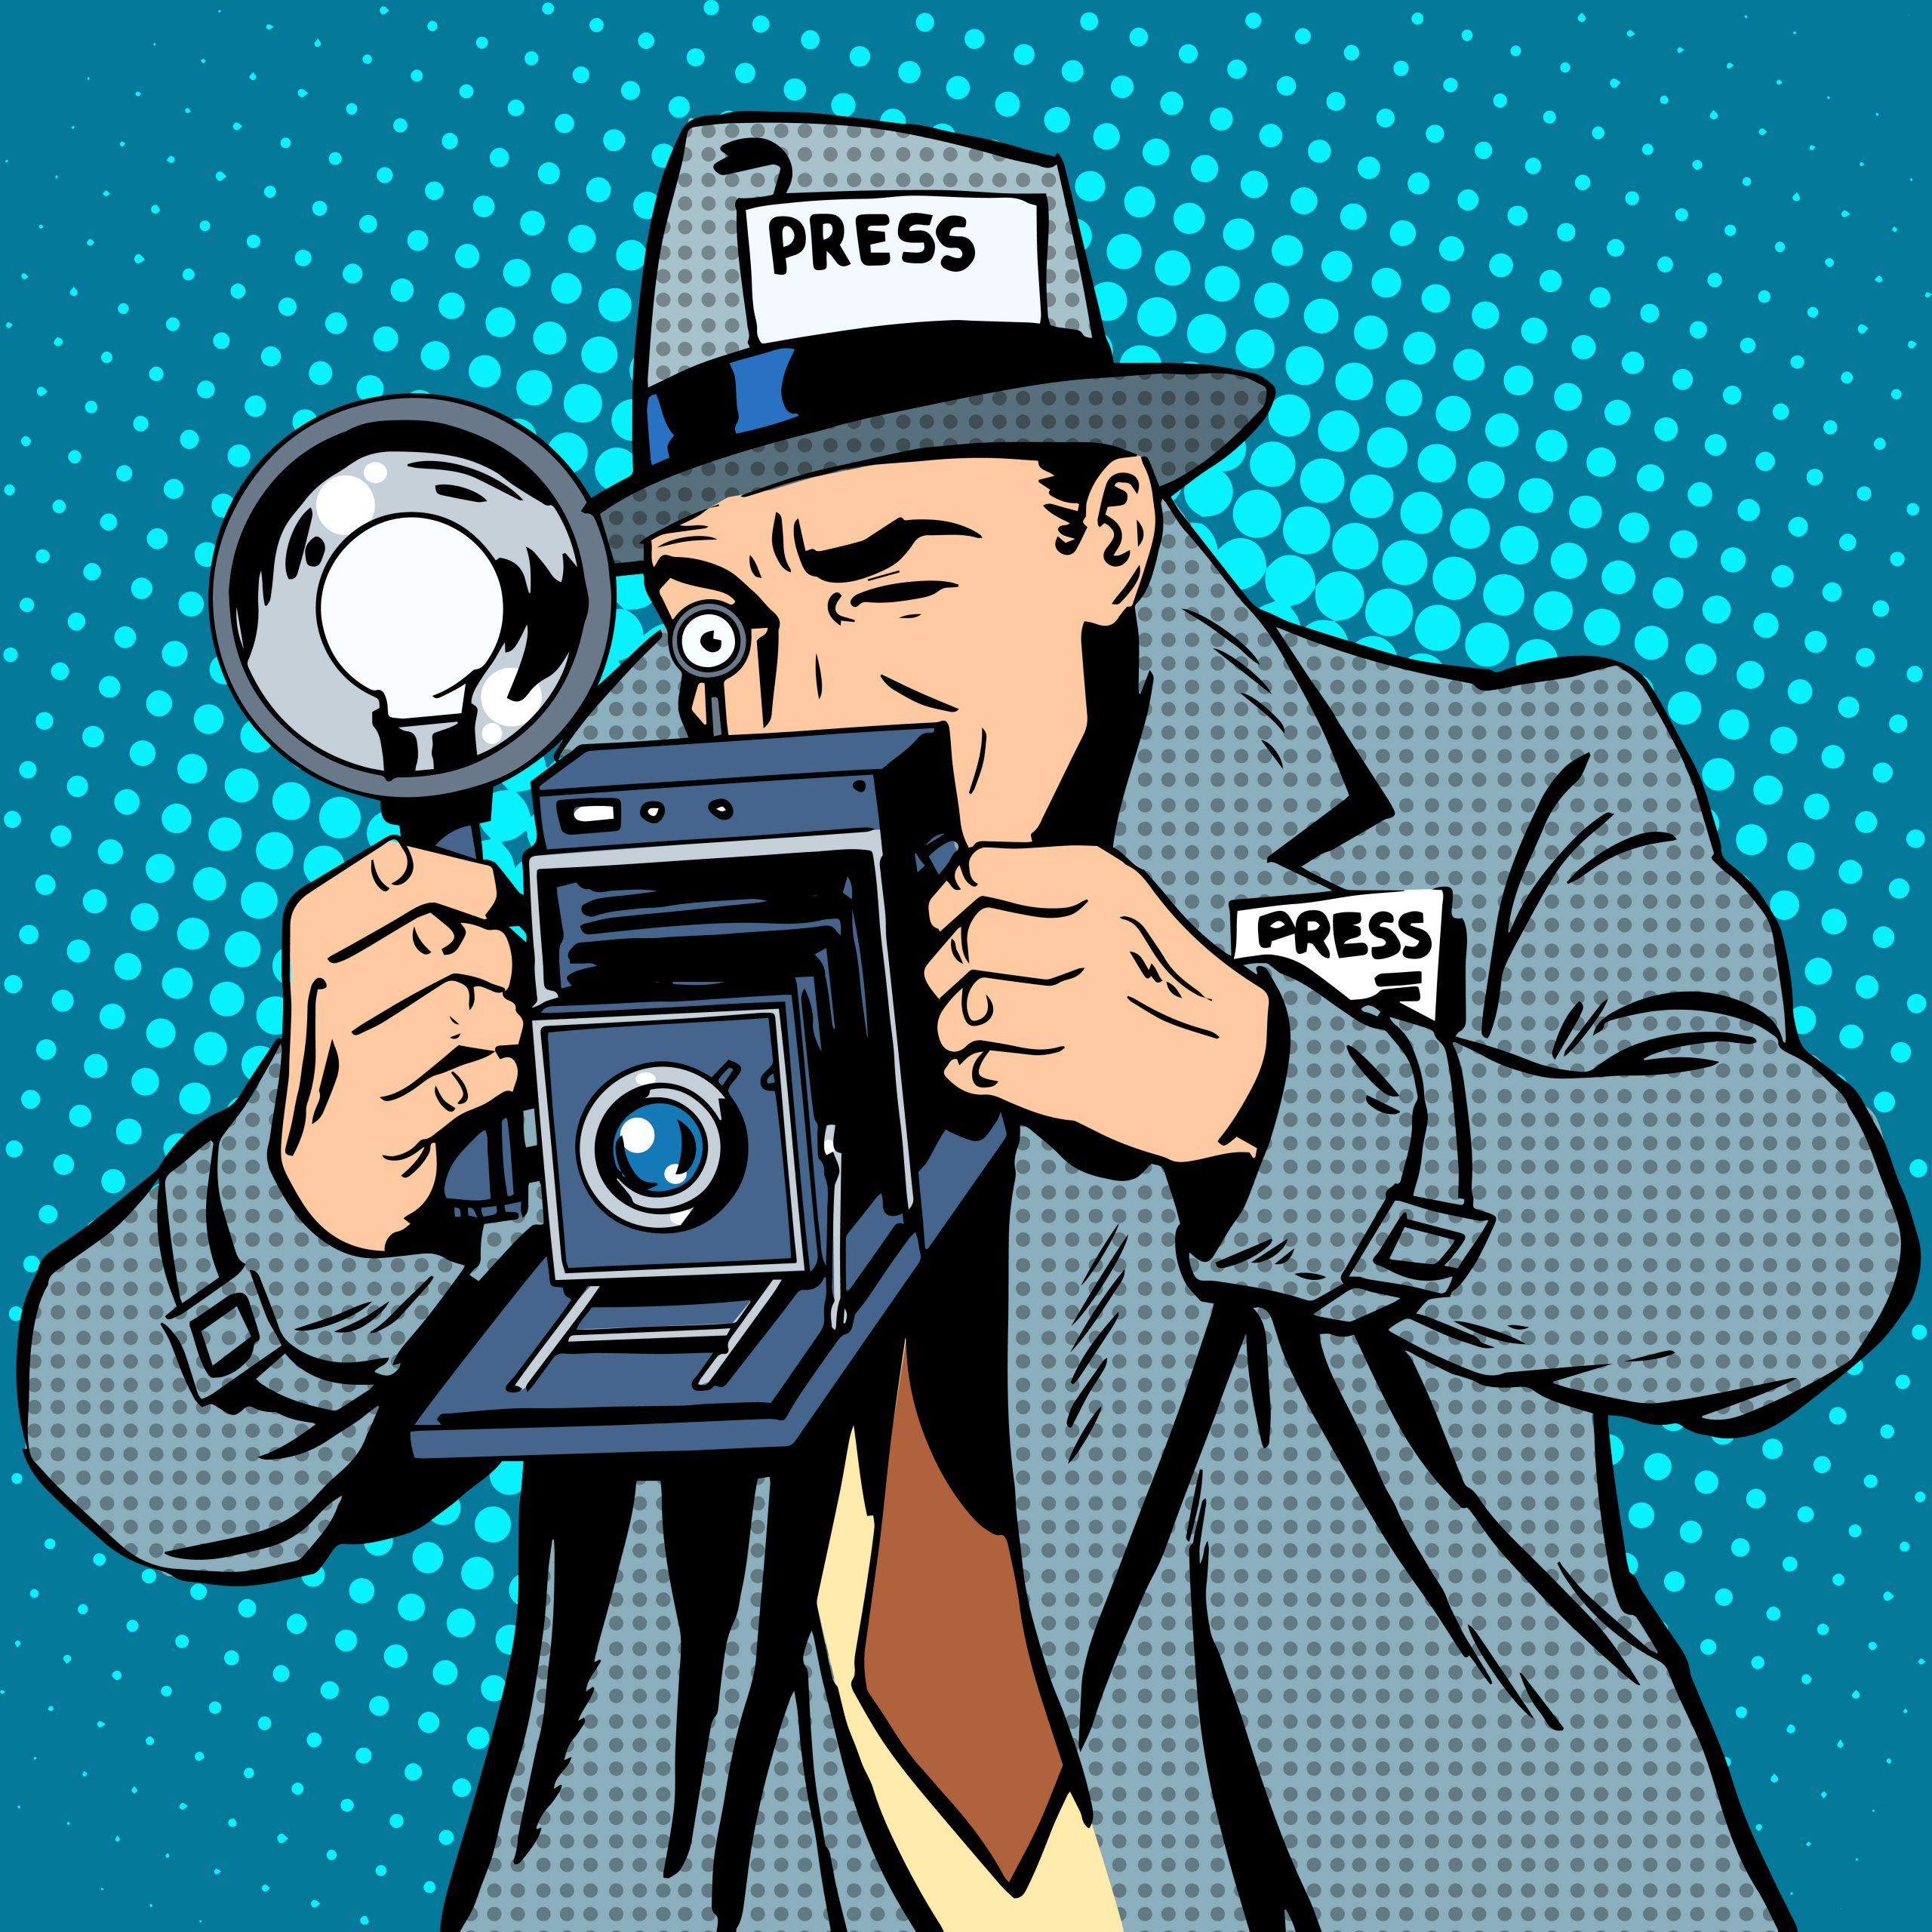 Comment trouver des idées pour son communiqué de presse ? - Walkcast Communiqué de Presse [6] 1